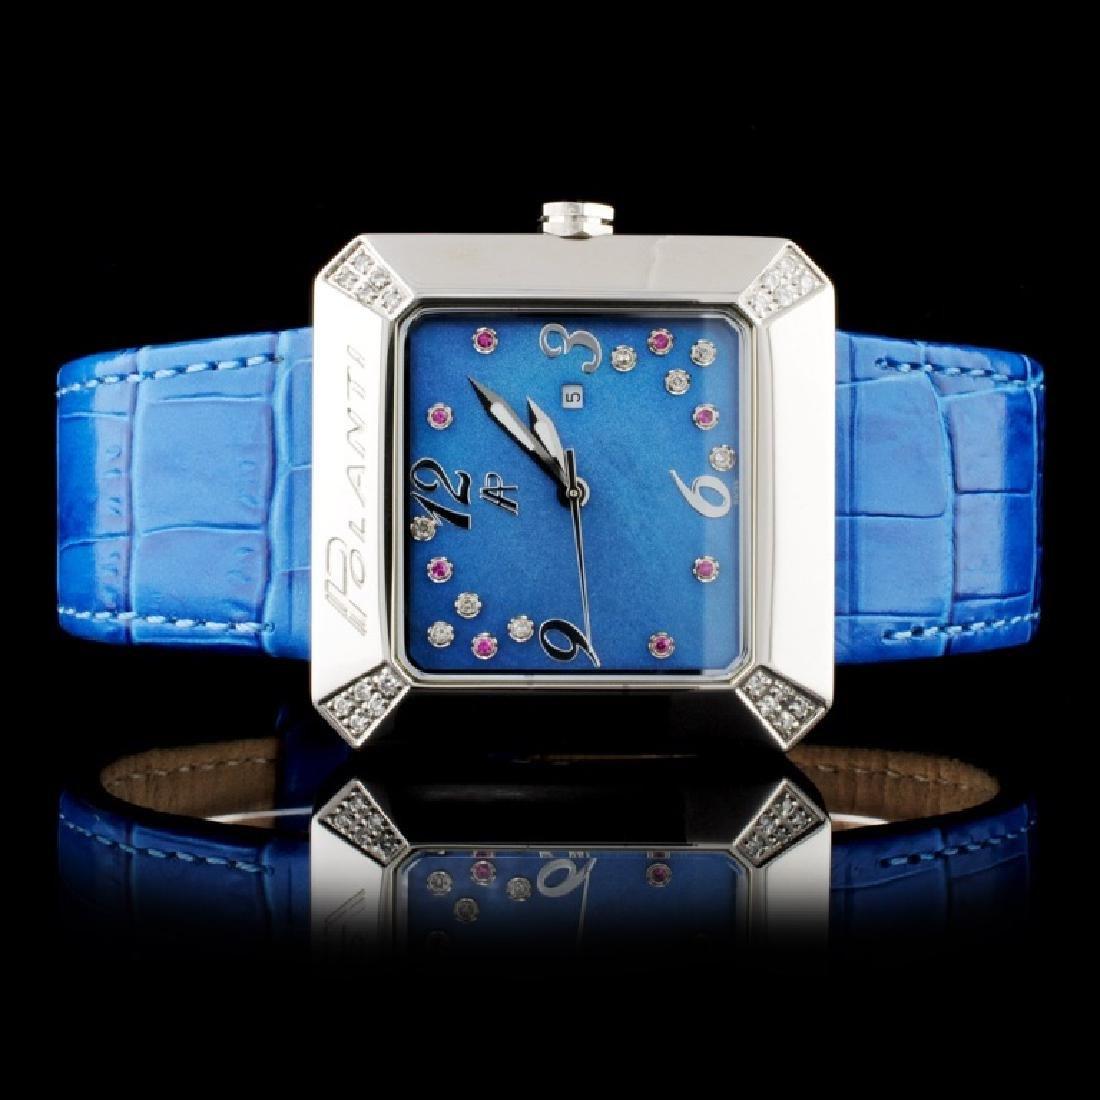 Polanti SS Tuscany Diamond Wristwatch